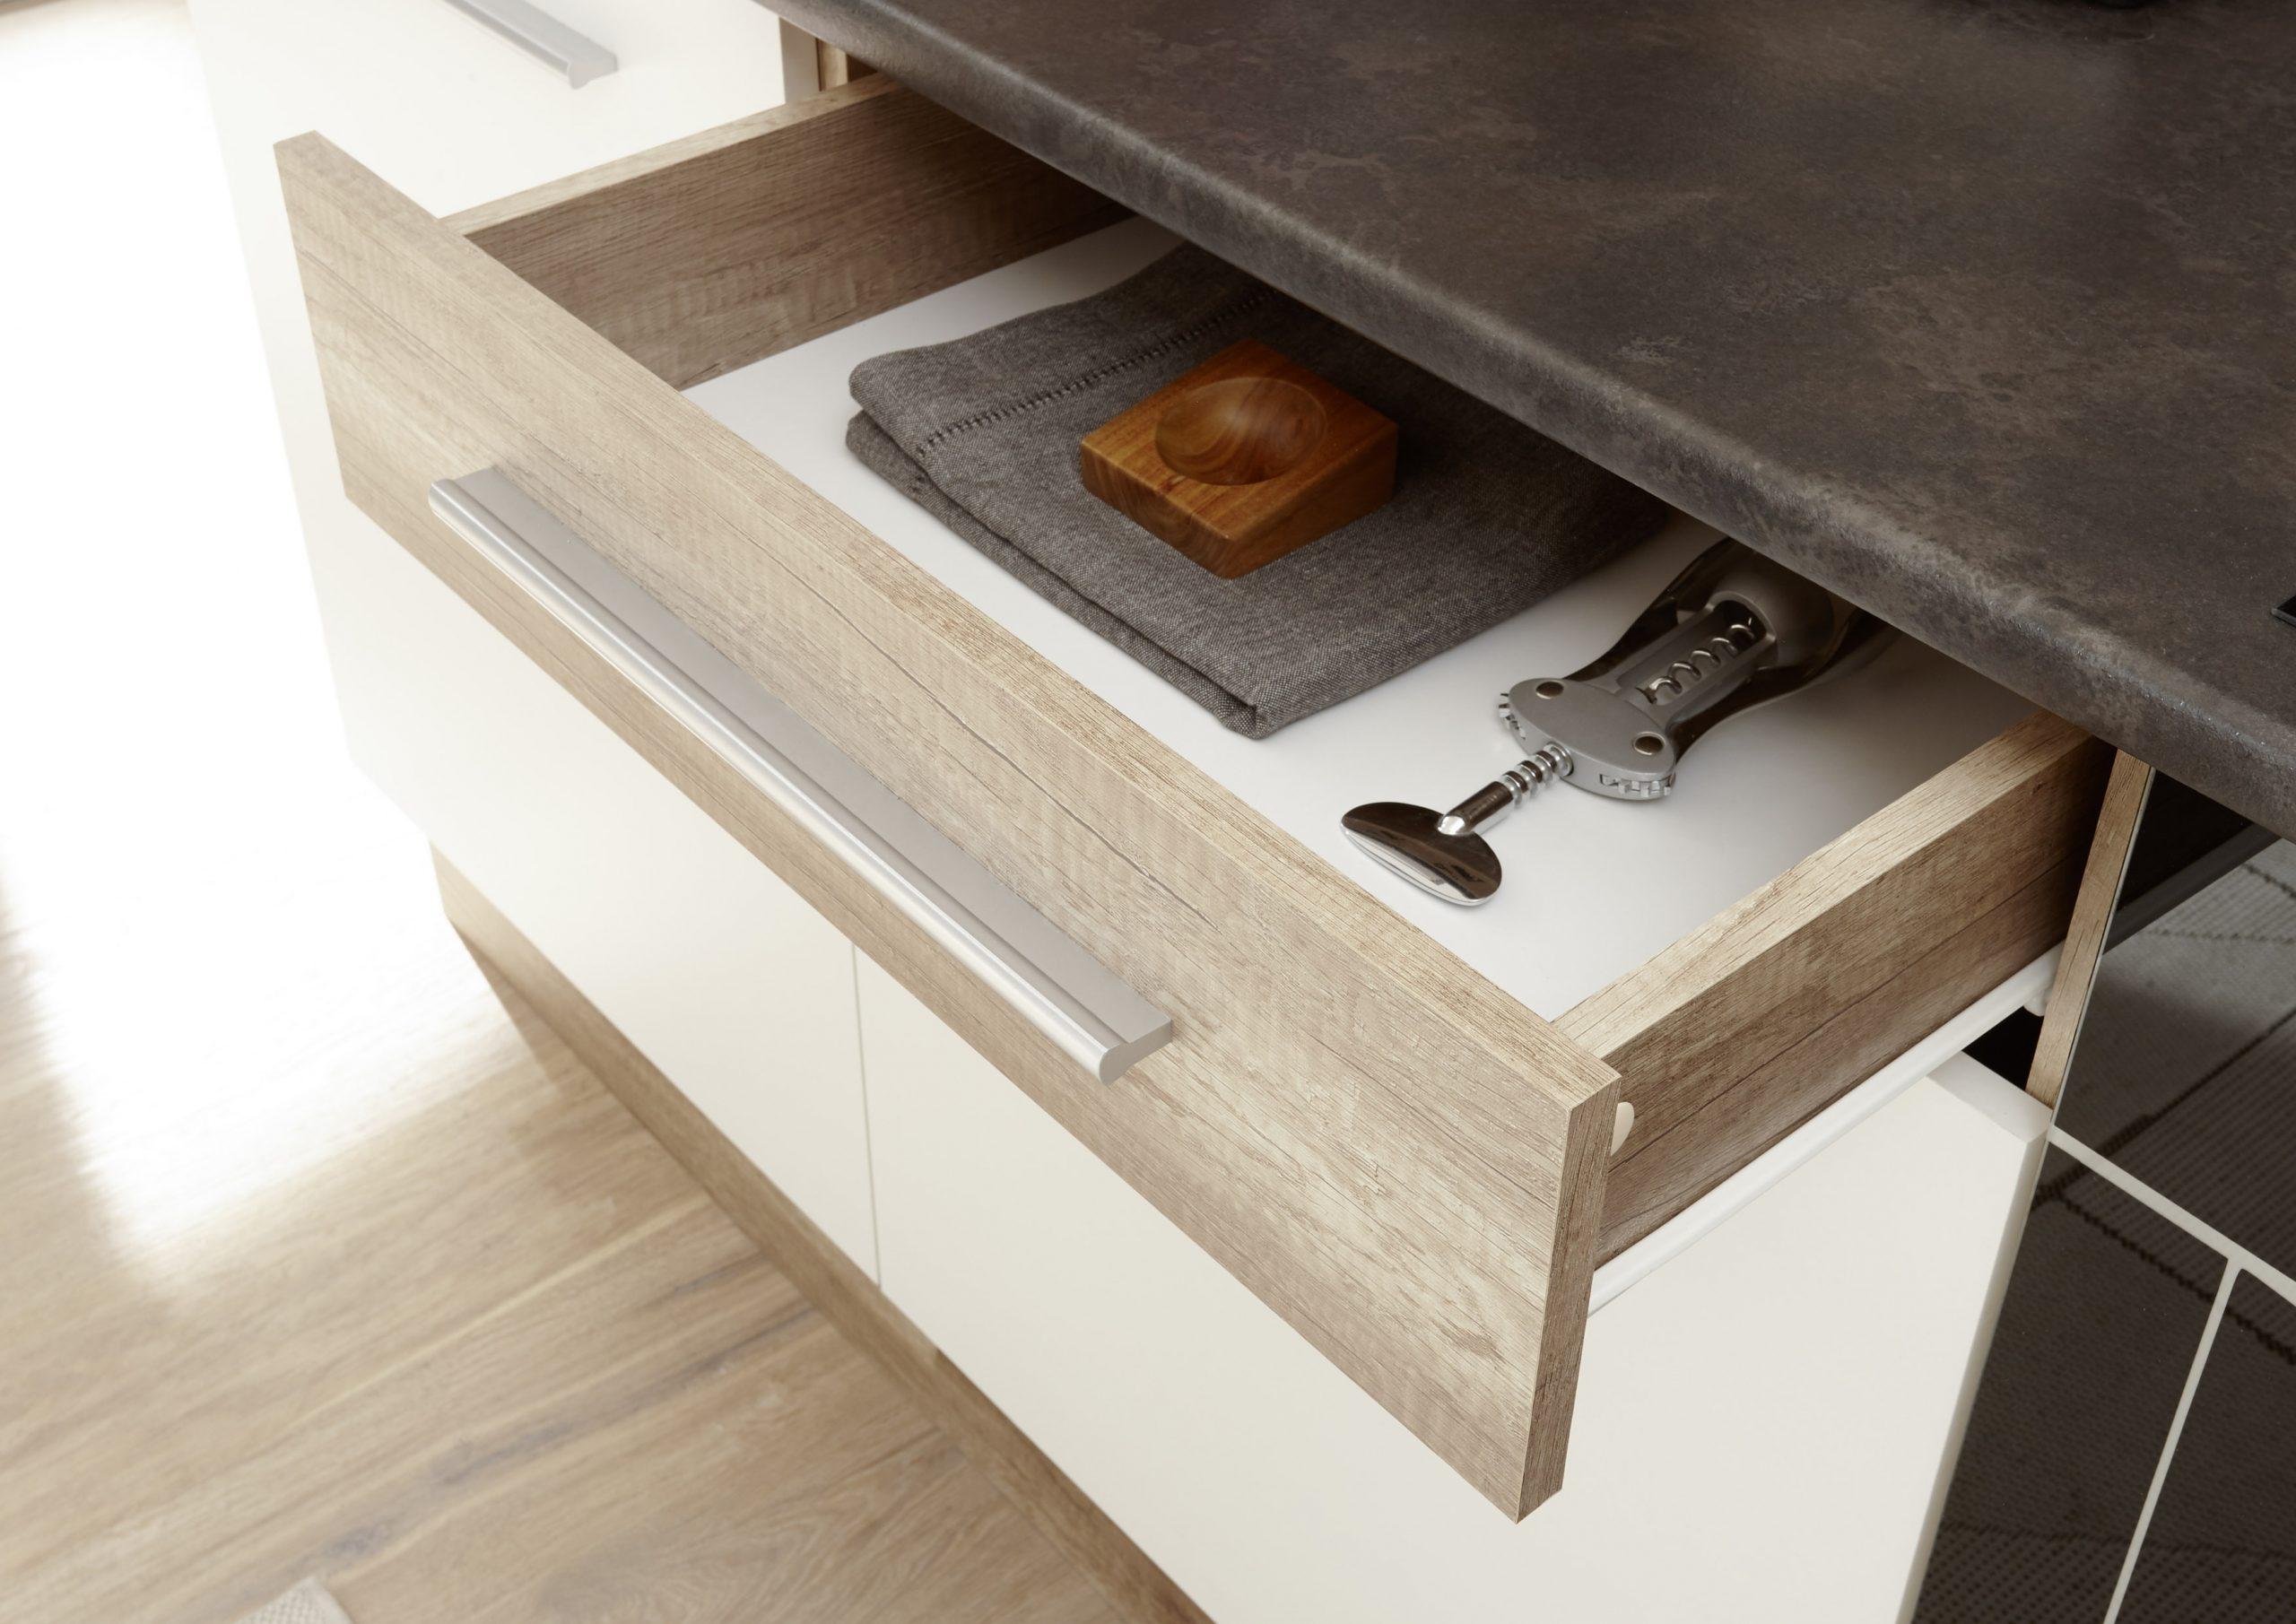 Full Size of Kleine Komplettküche Komplettküche Kaufen Teppich Küchekomplettküche Mit Elektrogeräten Miele Komplettküche Küche Komplettküche